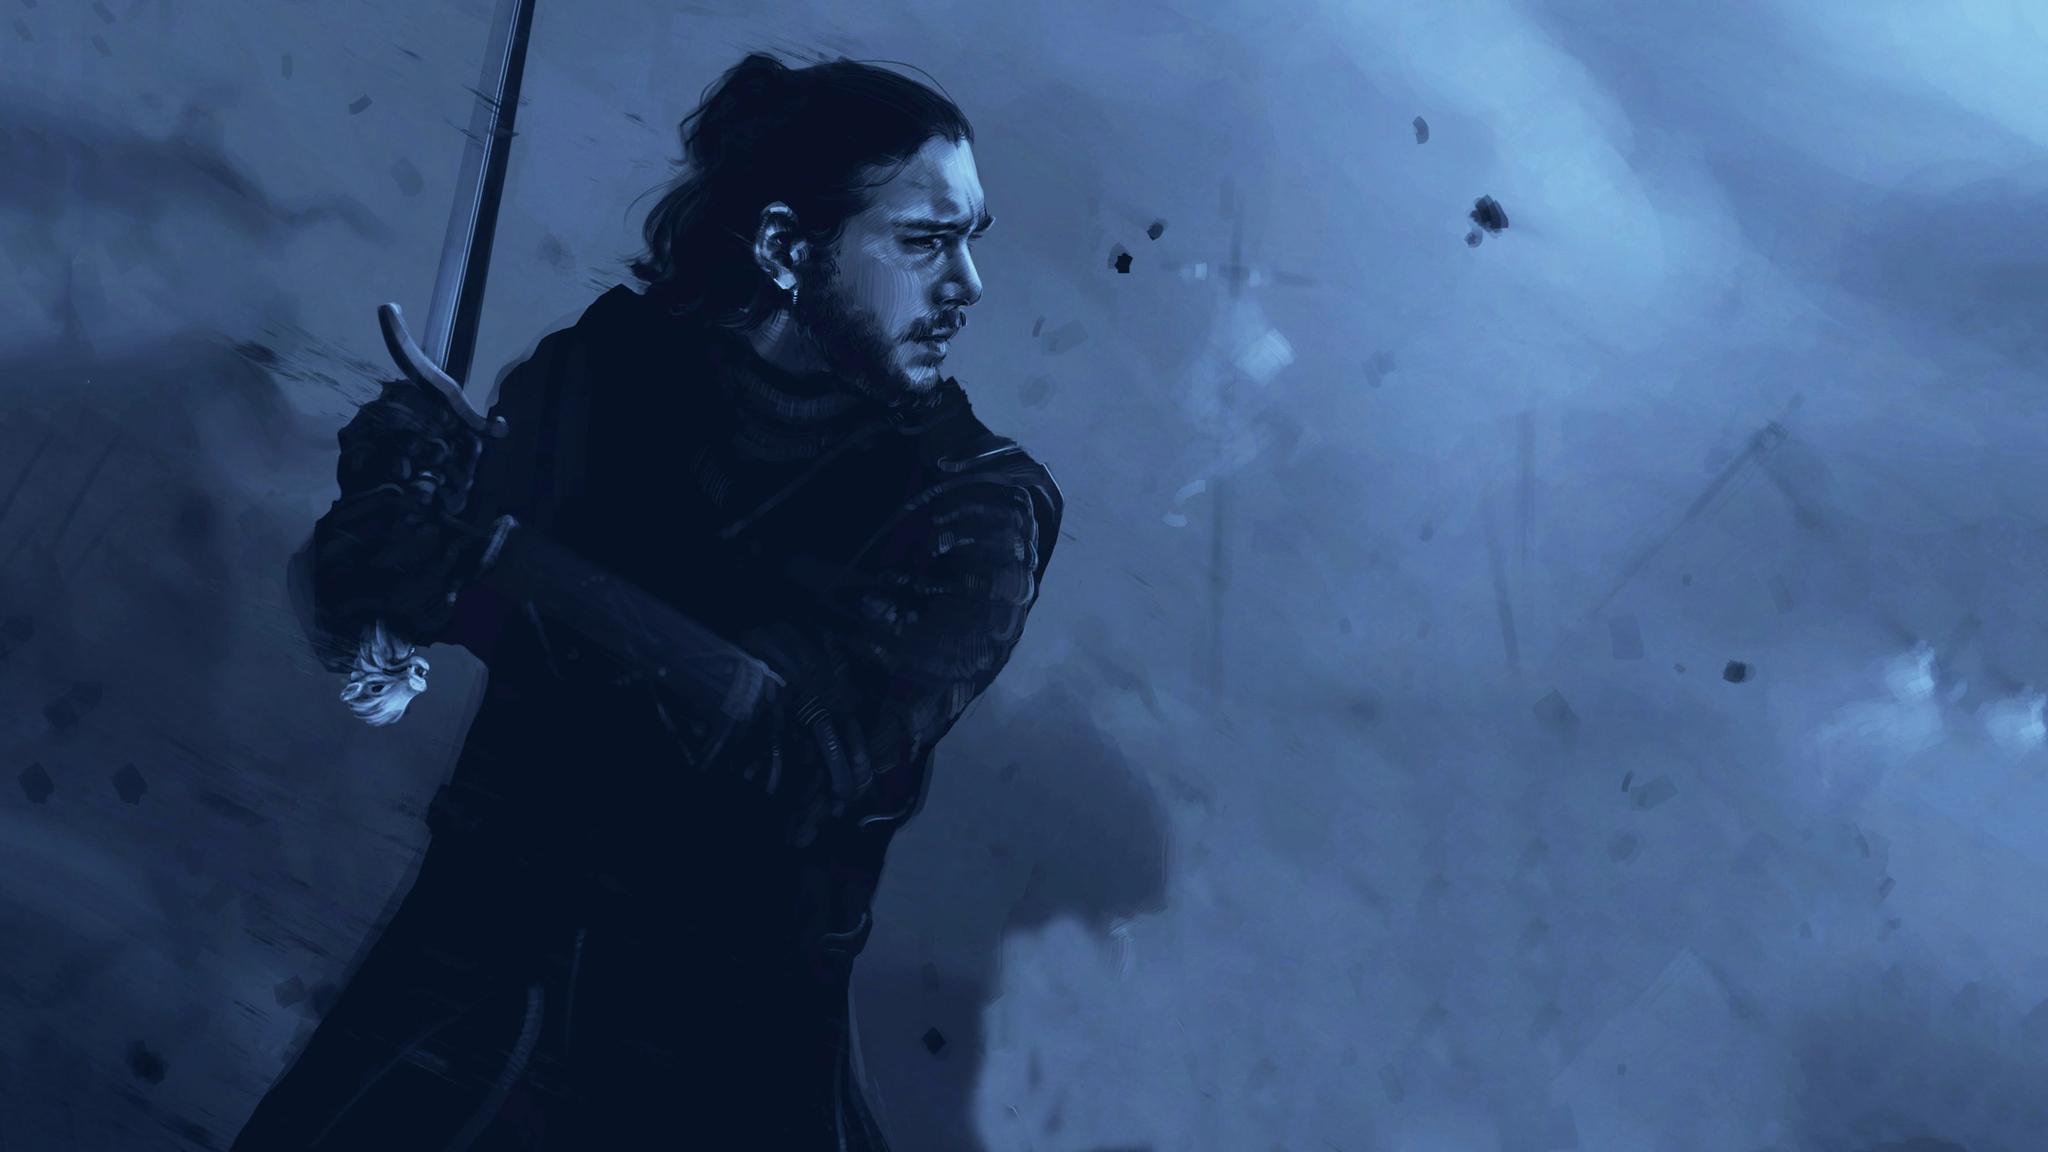 jon-snow-game-of-thrones-art-k8.jpg